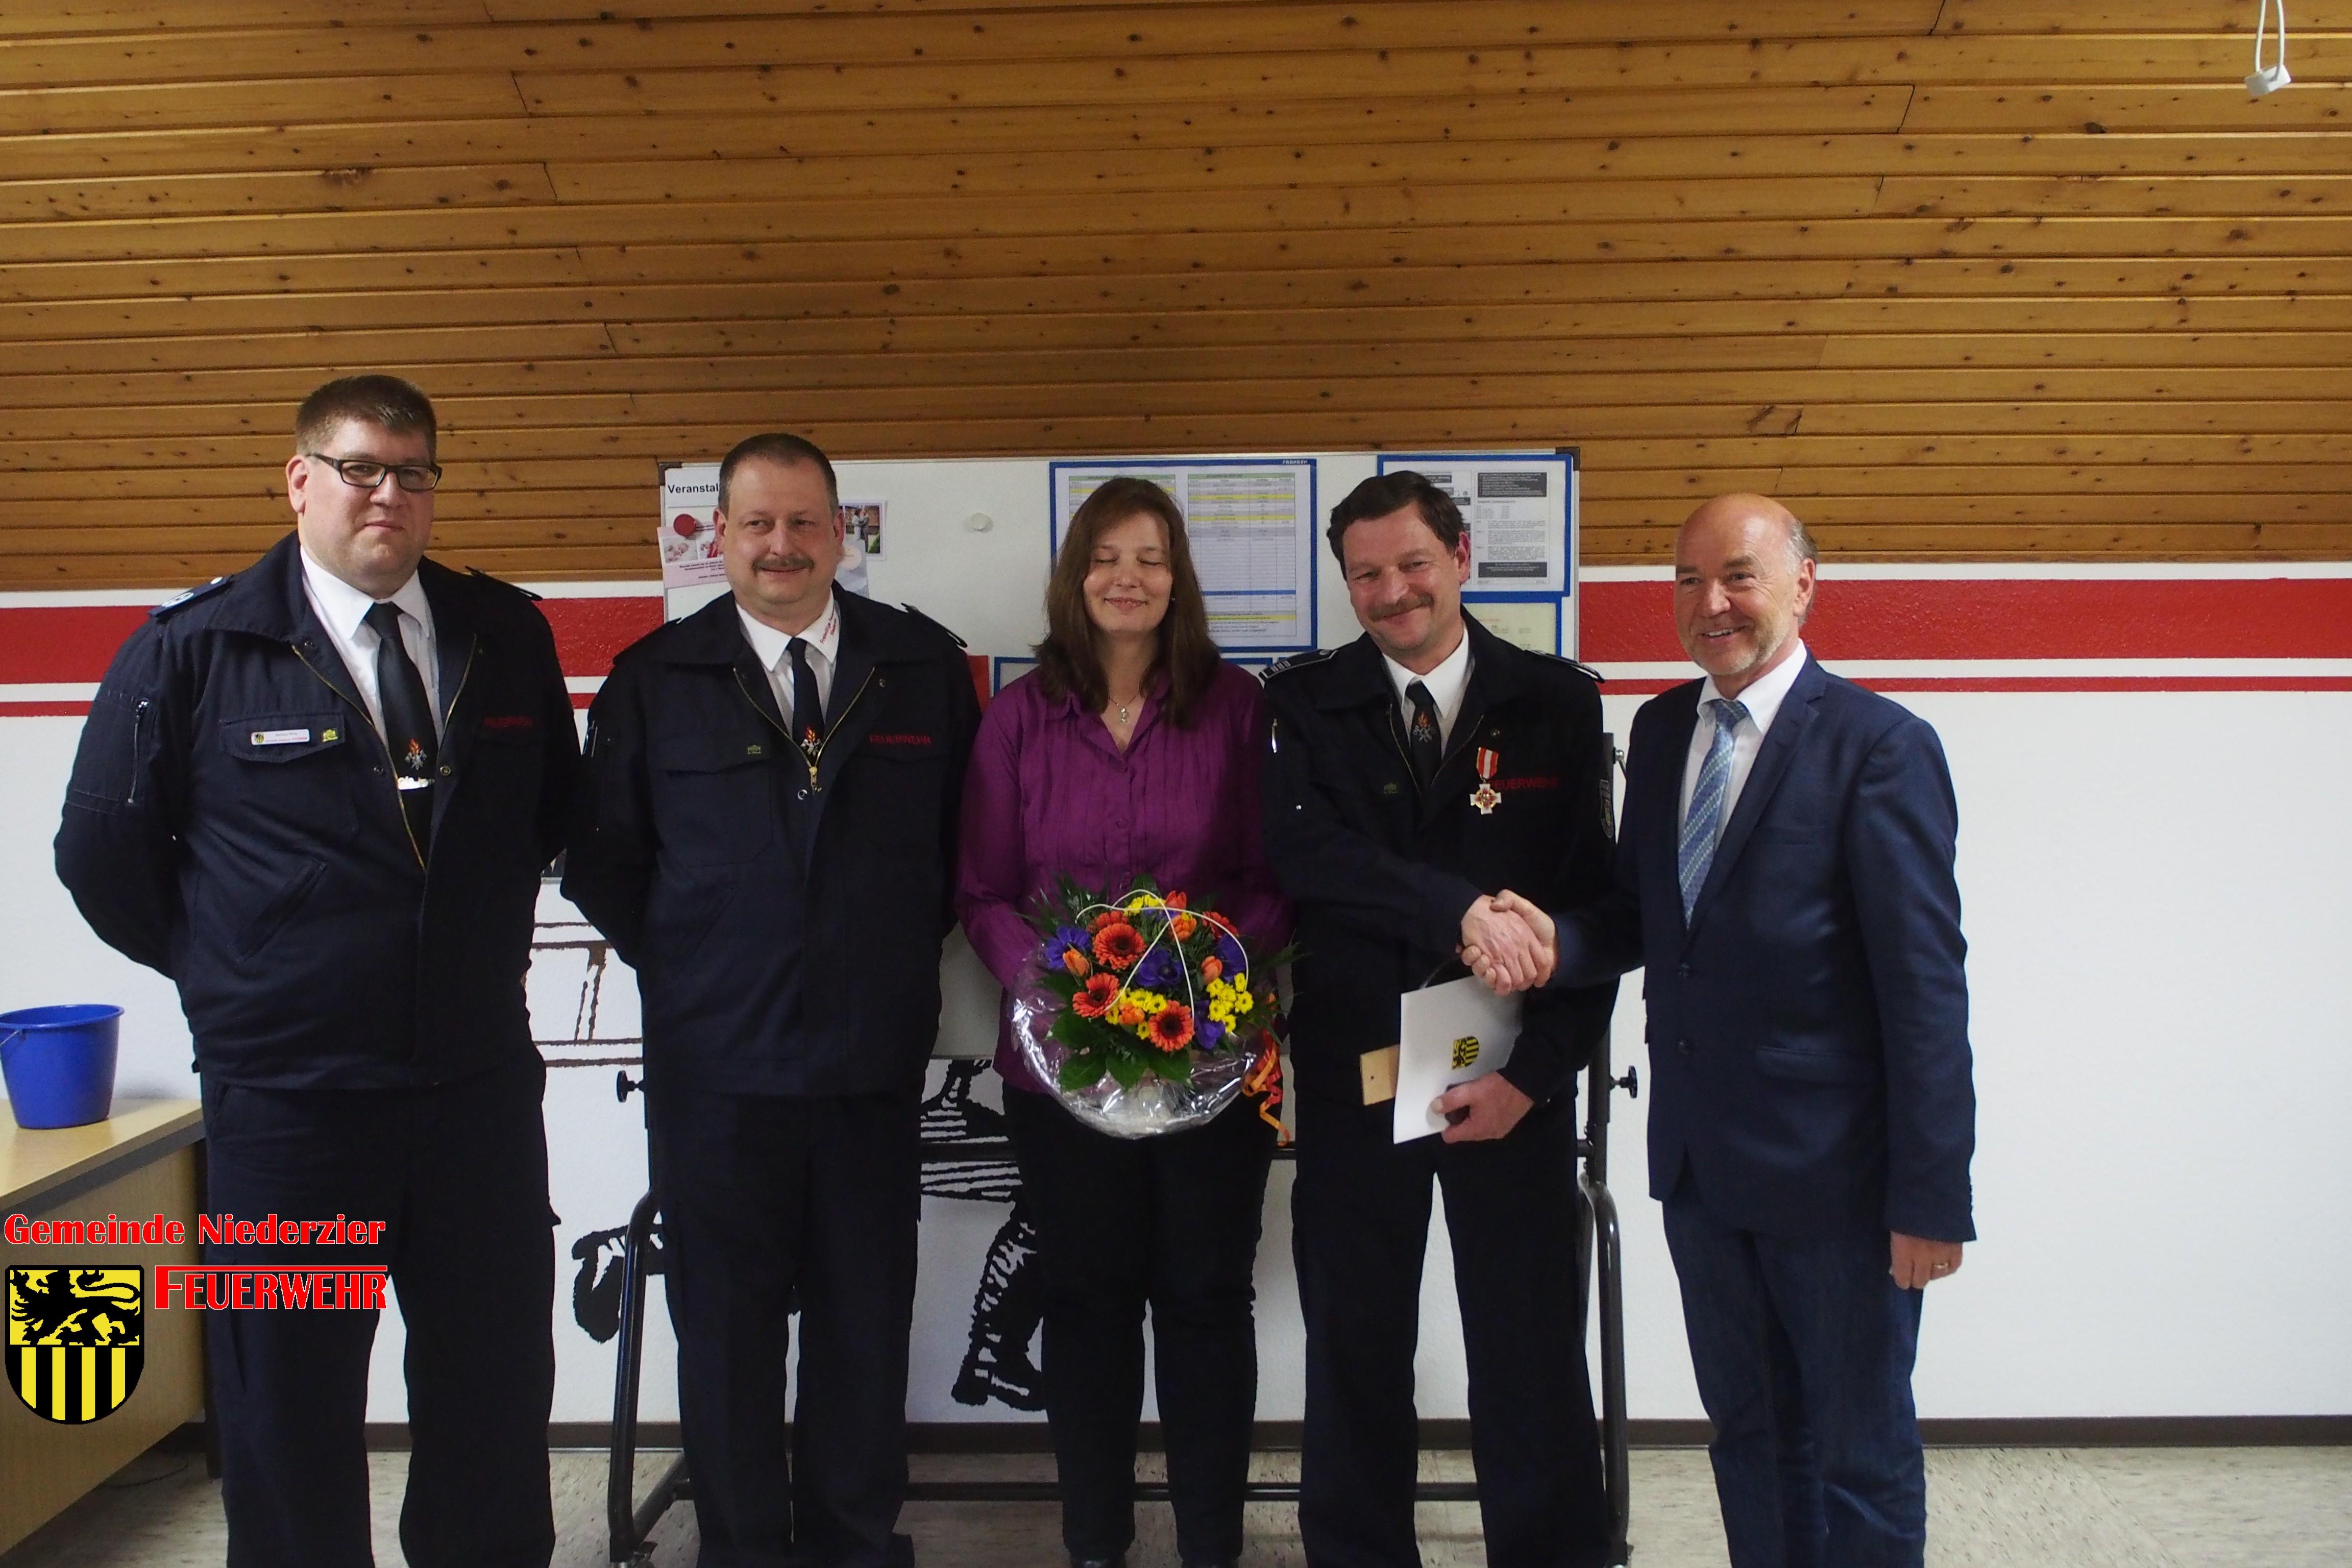 Jahresdienstversammlung der Feuerwehr der Gemeinde Niederzier am 7. April 2017 im Gerätehaus Oberzier